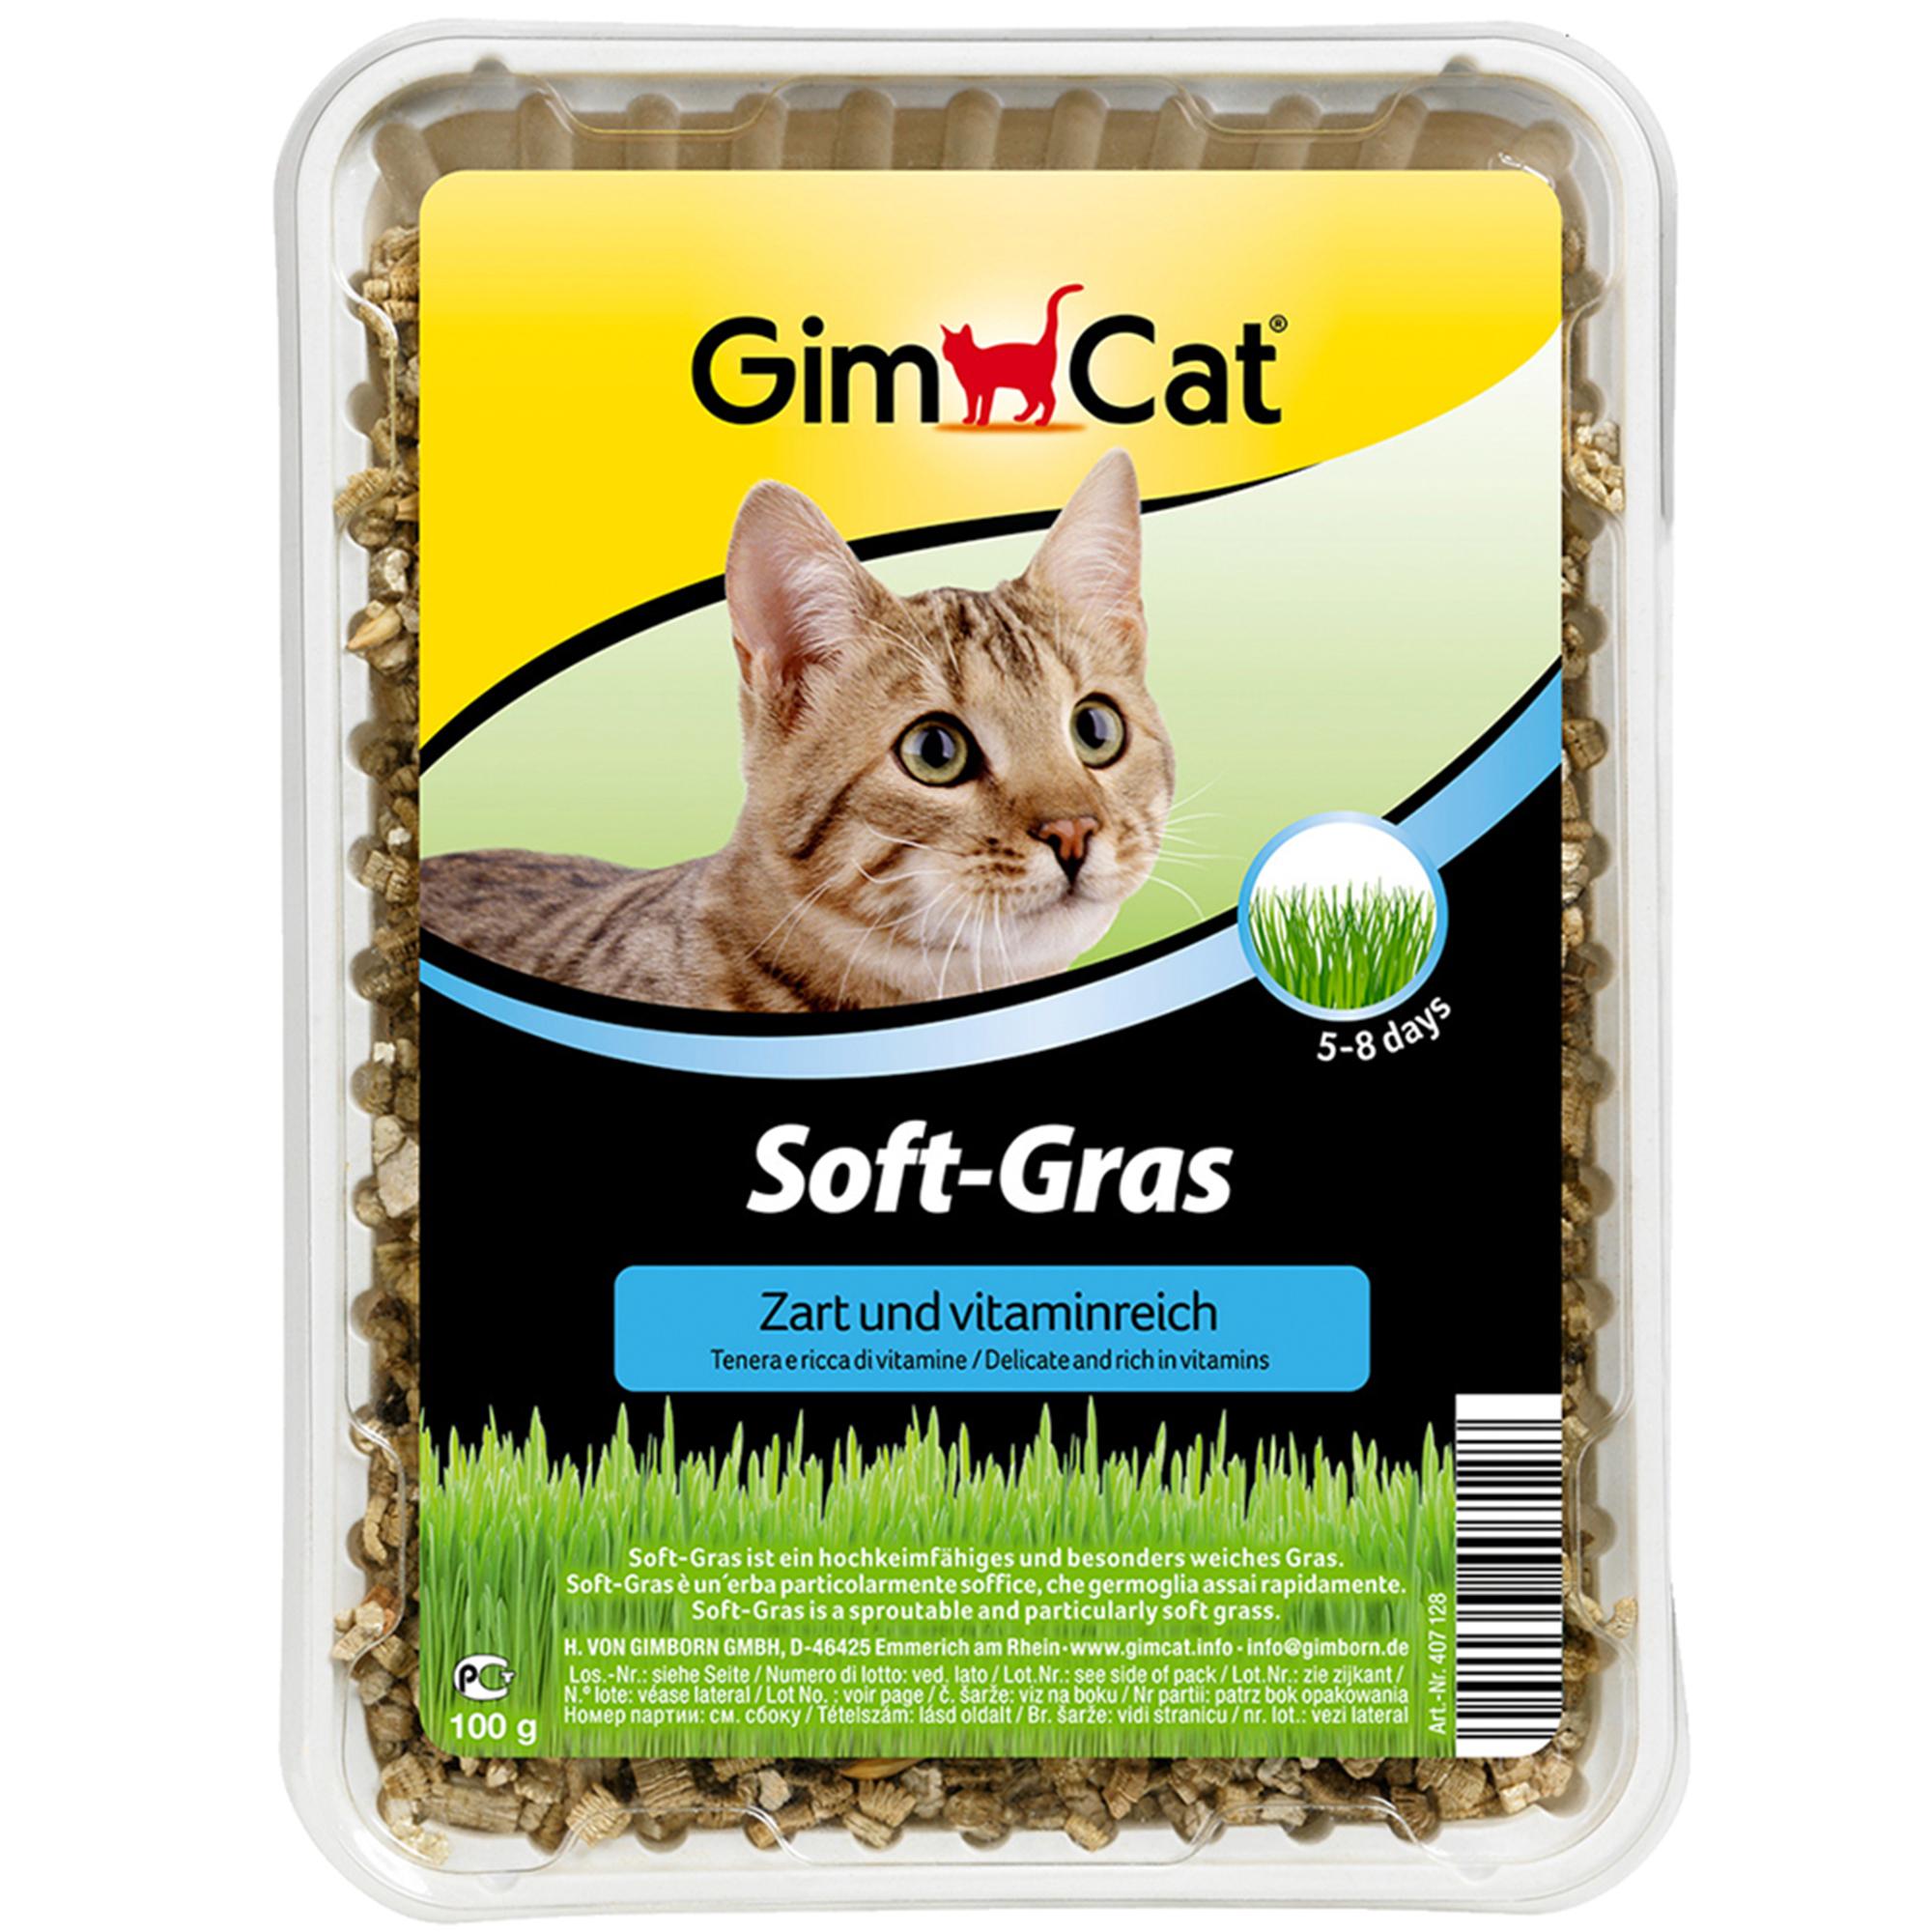 GimCat Soft-Gras 100g